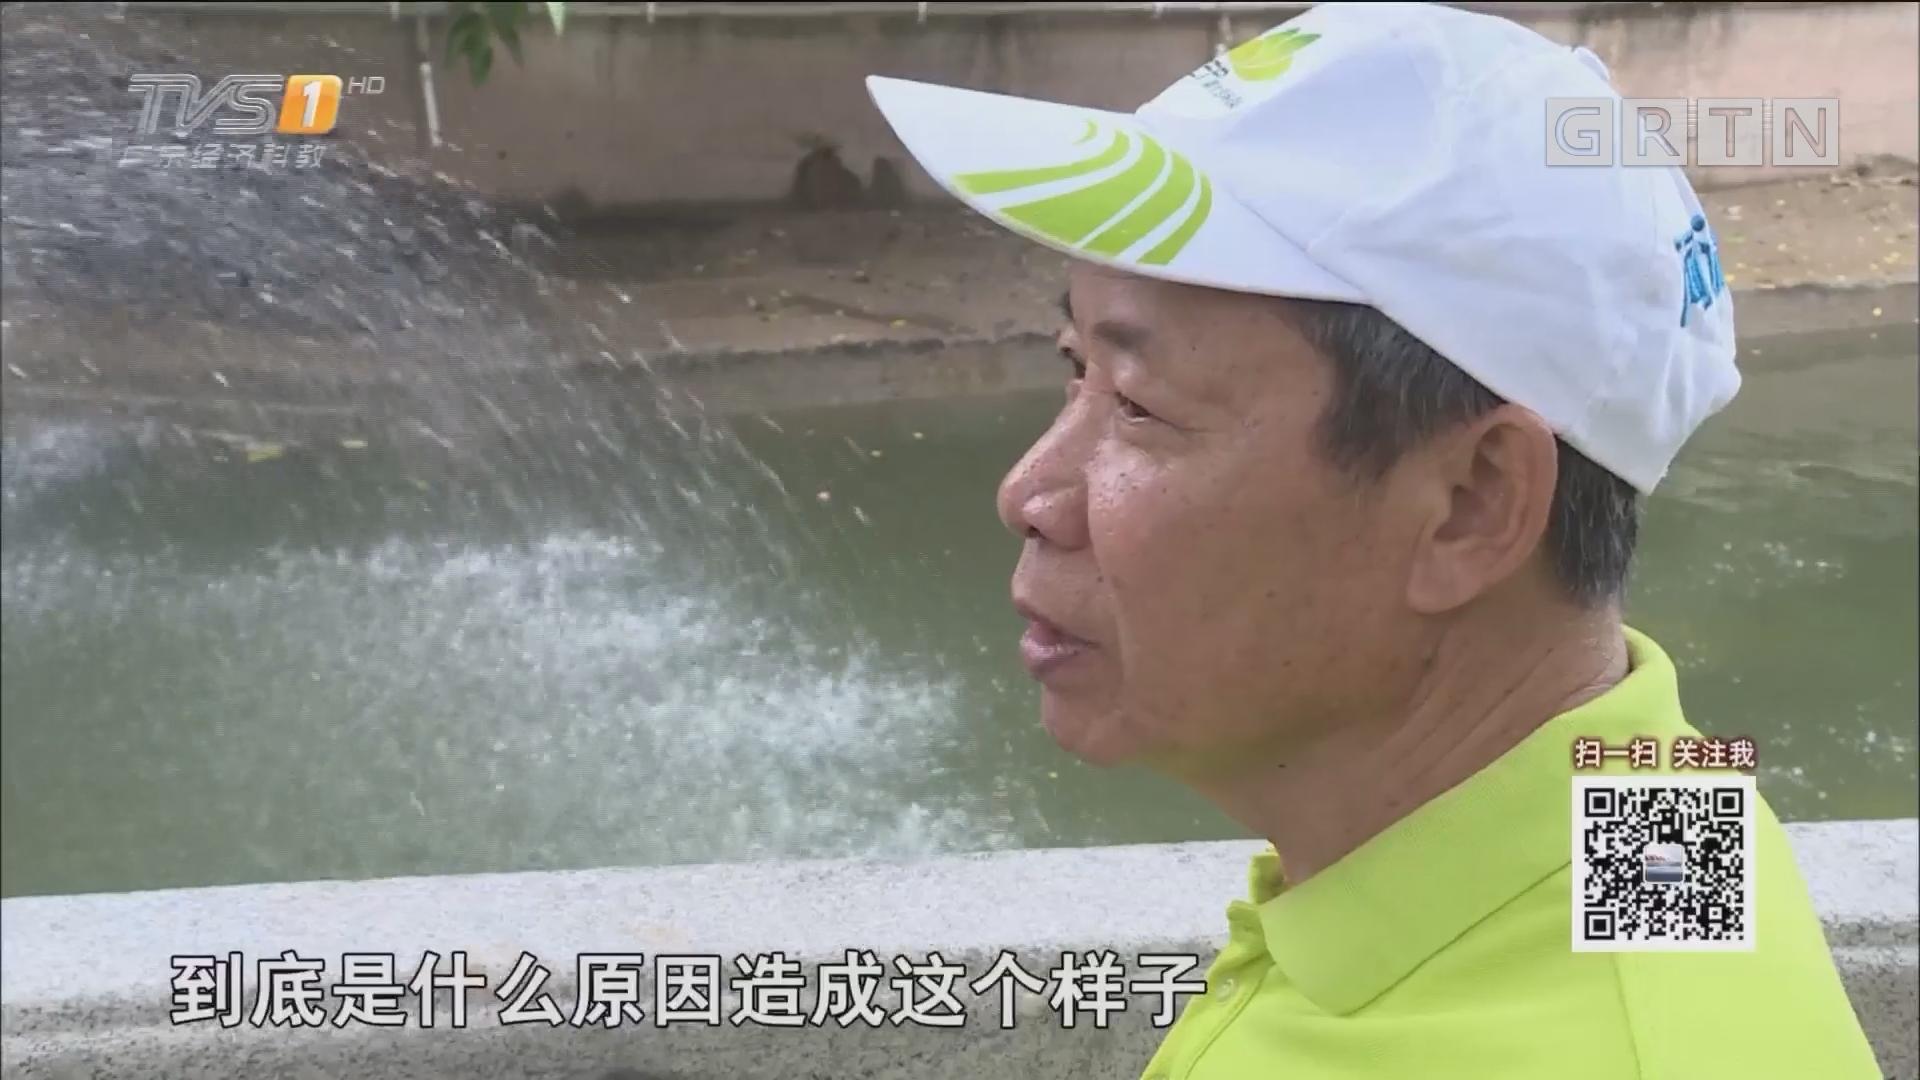 慕容森林:我想青山绿水重现驷马涌(下)